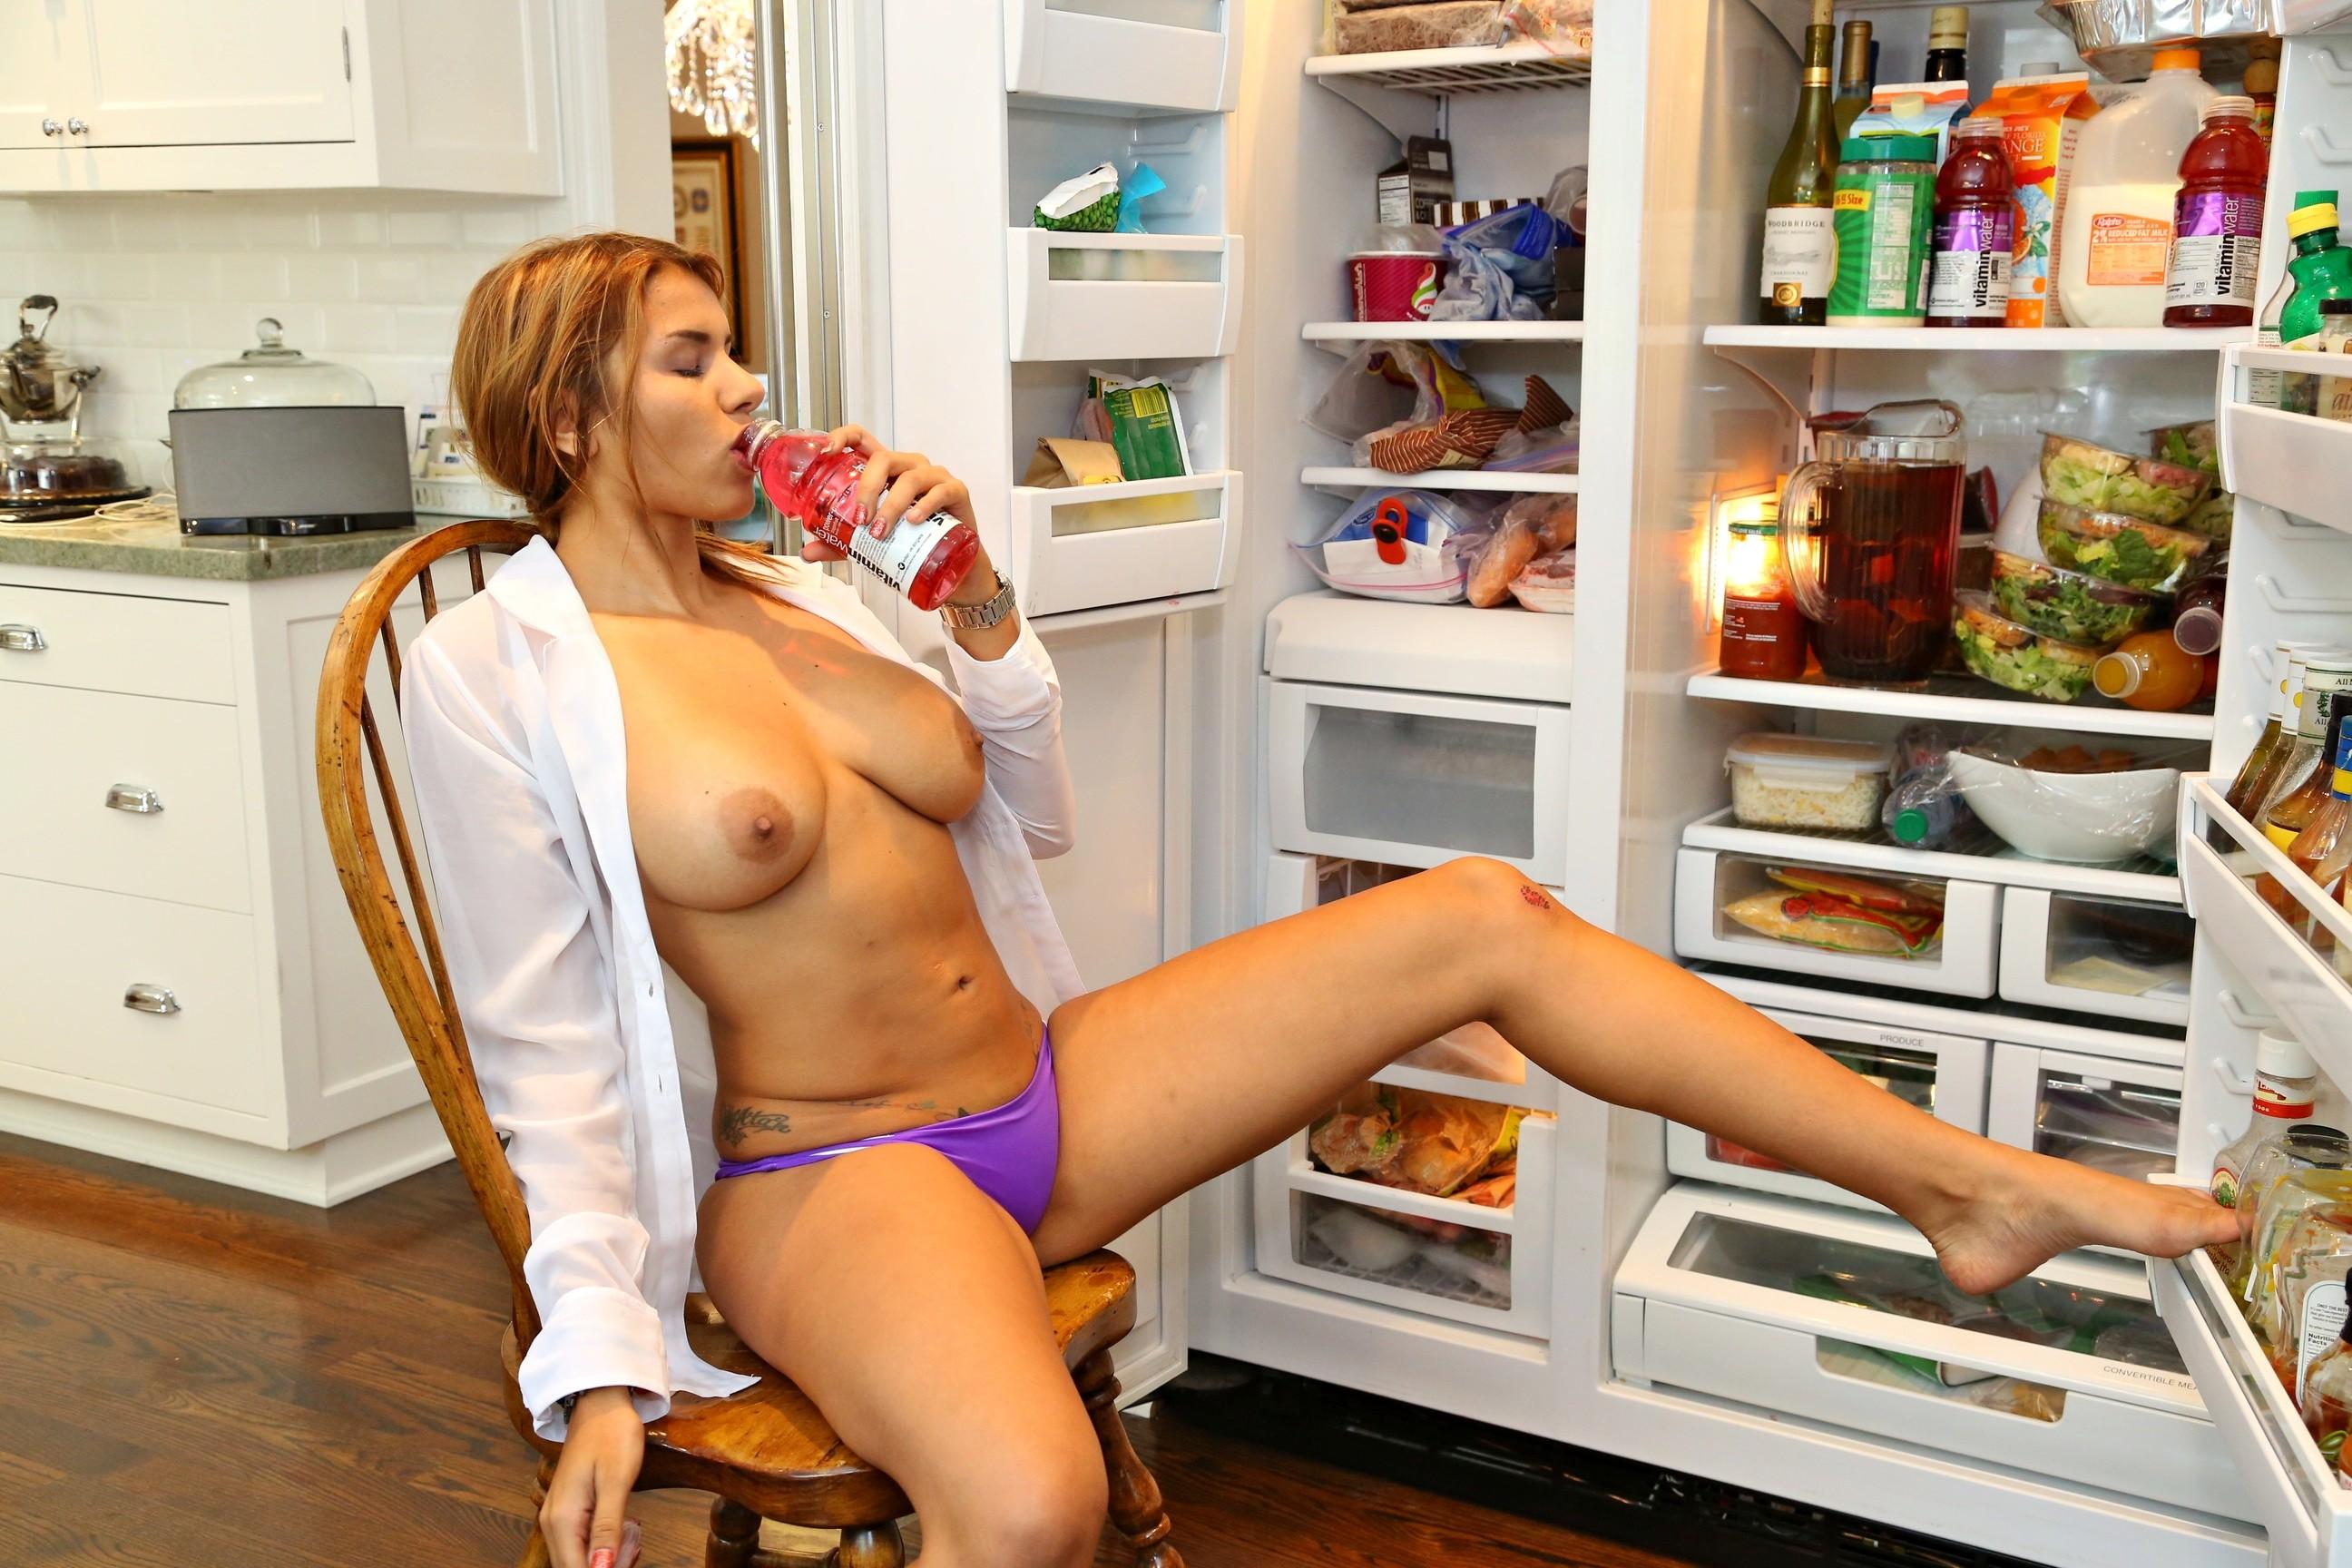 Симпа бразильянка раздевается возле холодильника